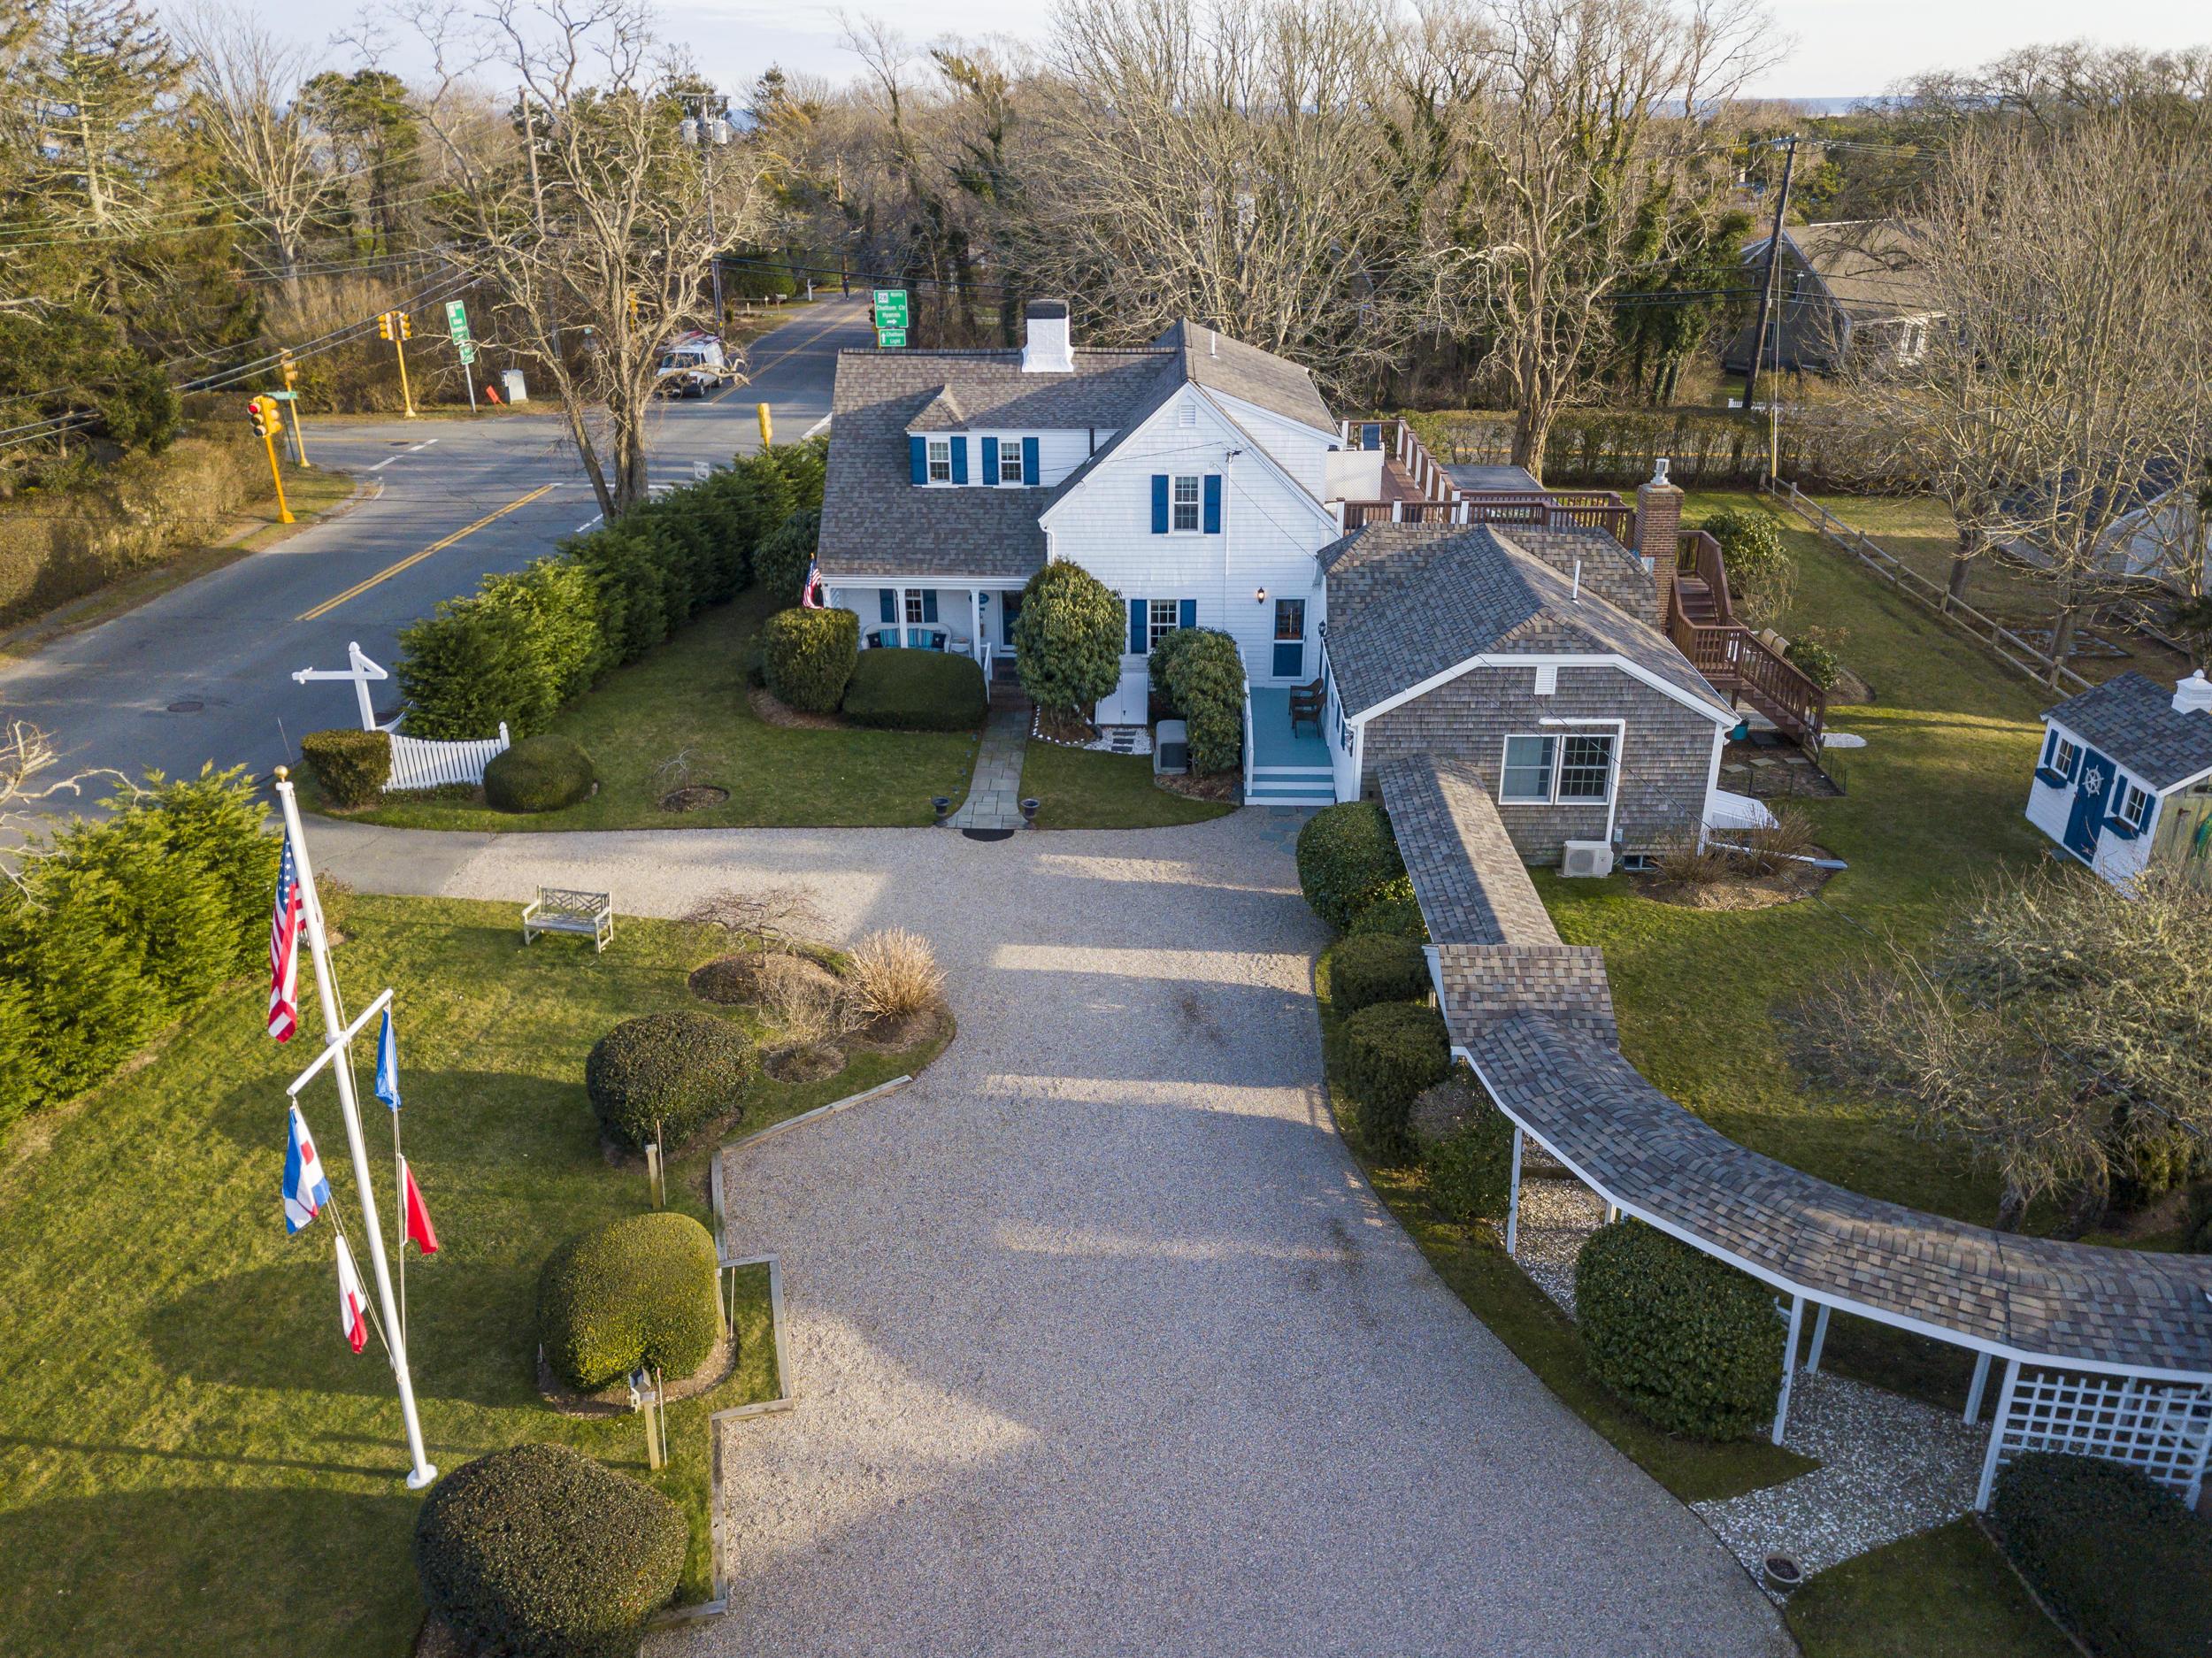 407 Old Harbor Road, Chatham, MA  02633 - slide 4